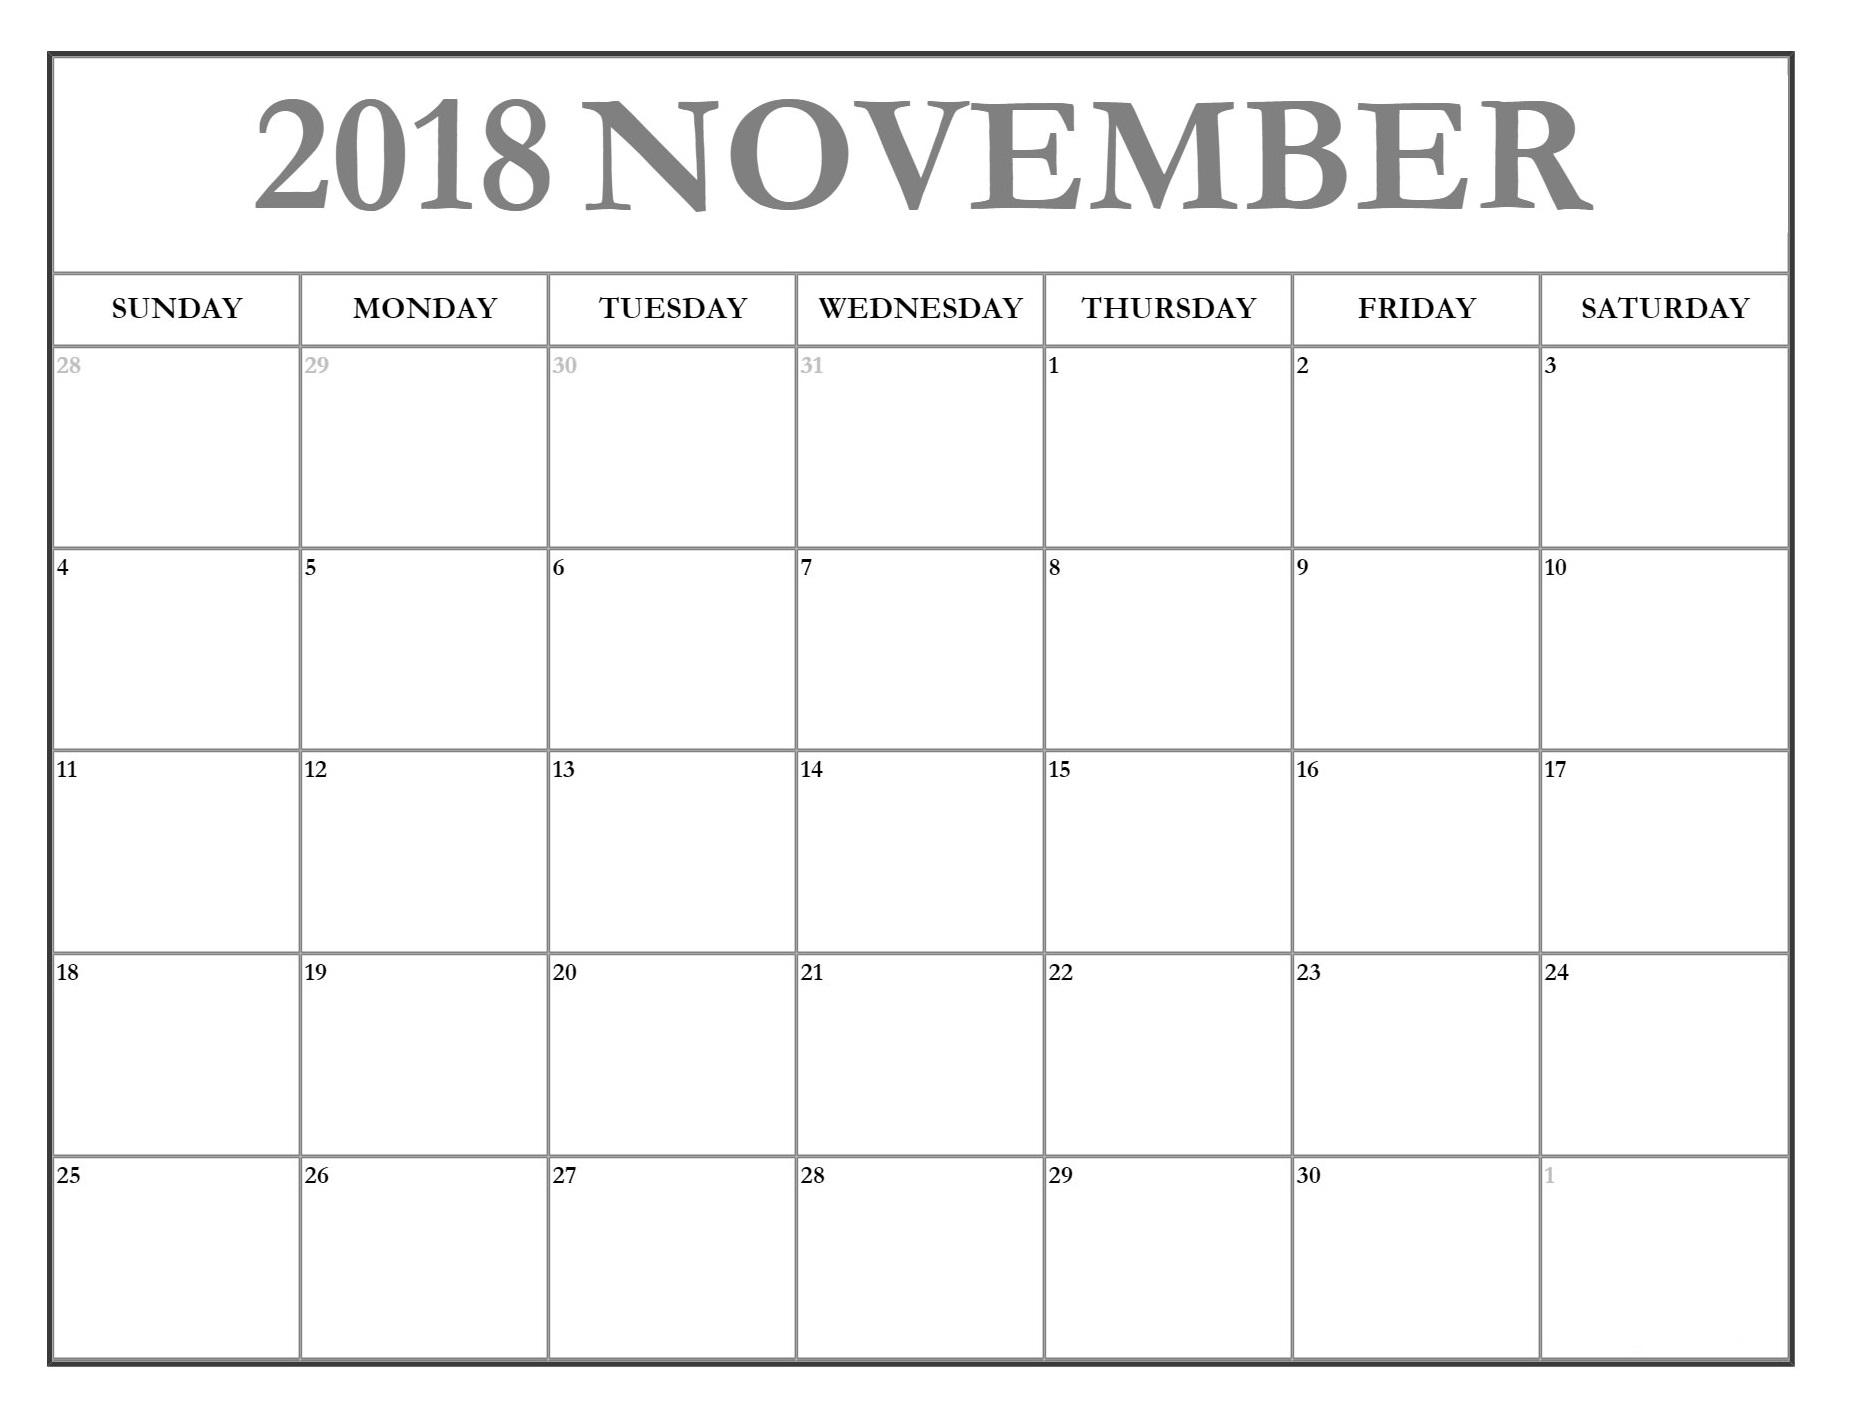 november 2018 calendar word excel pdf calendar 2018::November 2018 Calendar Pdf